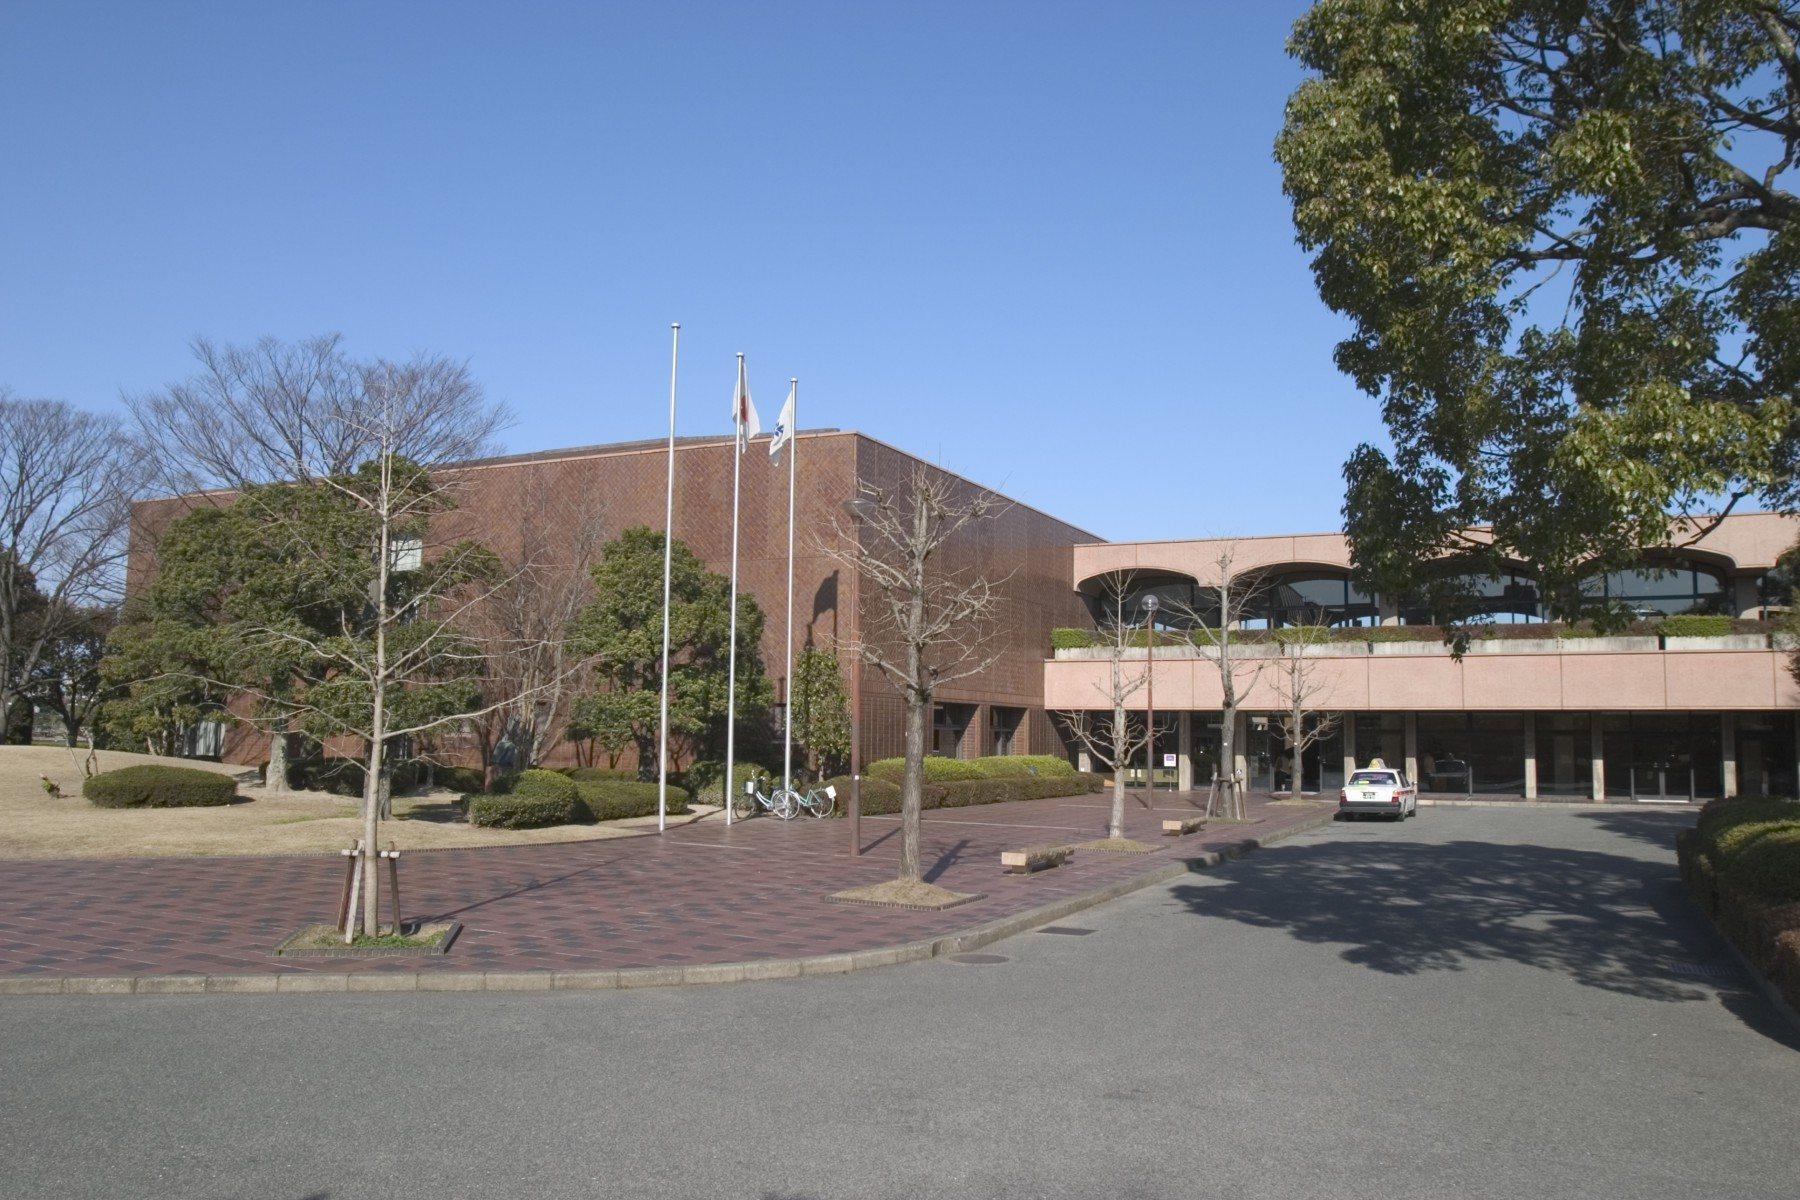 福岡市美術館(撮影年不明)の画像